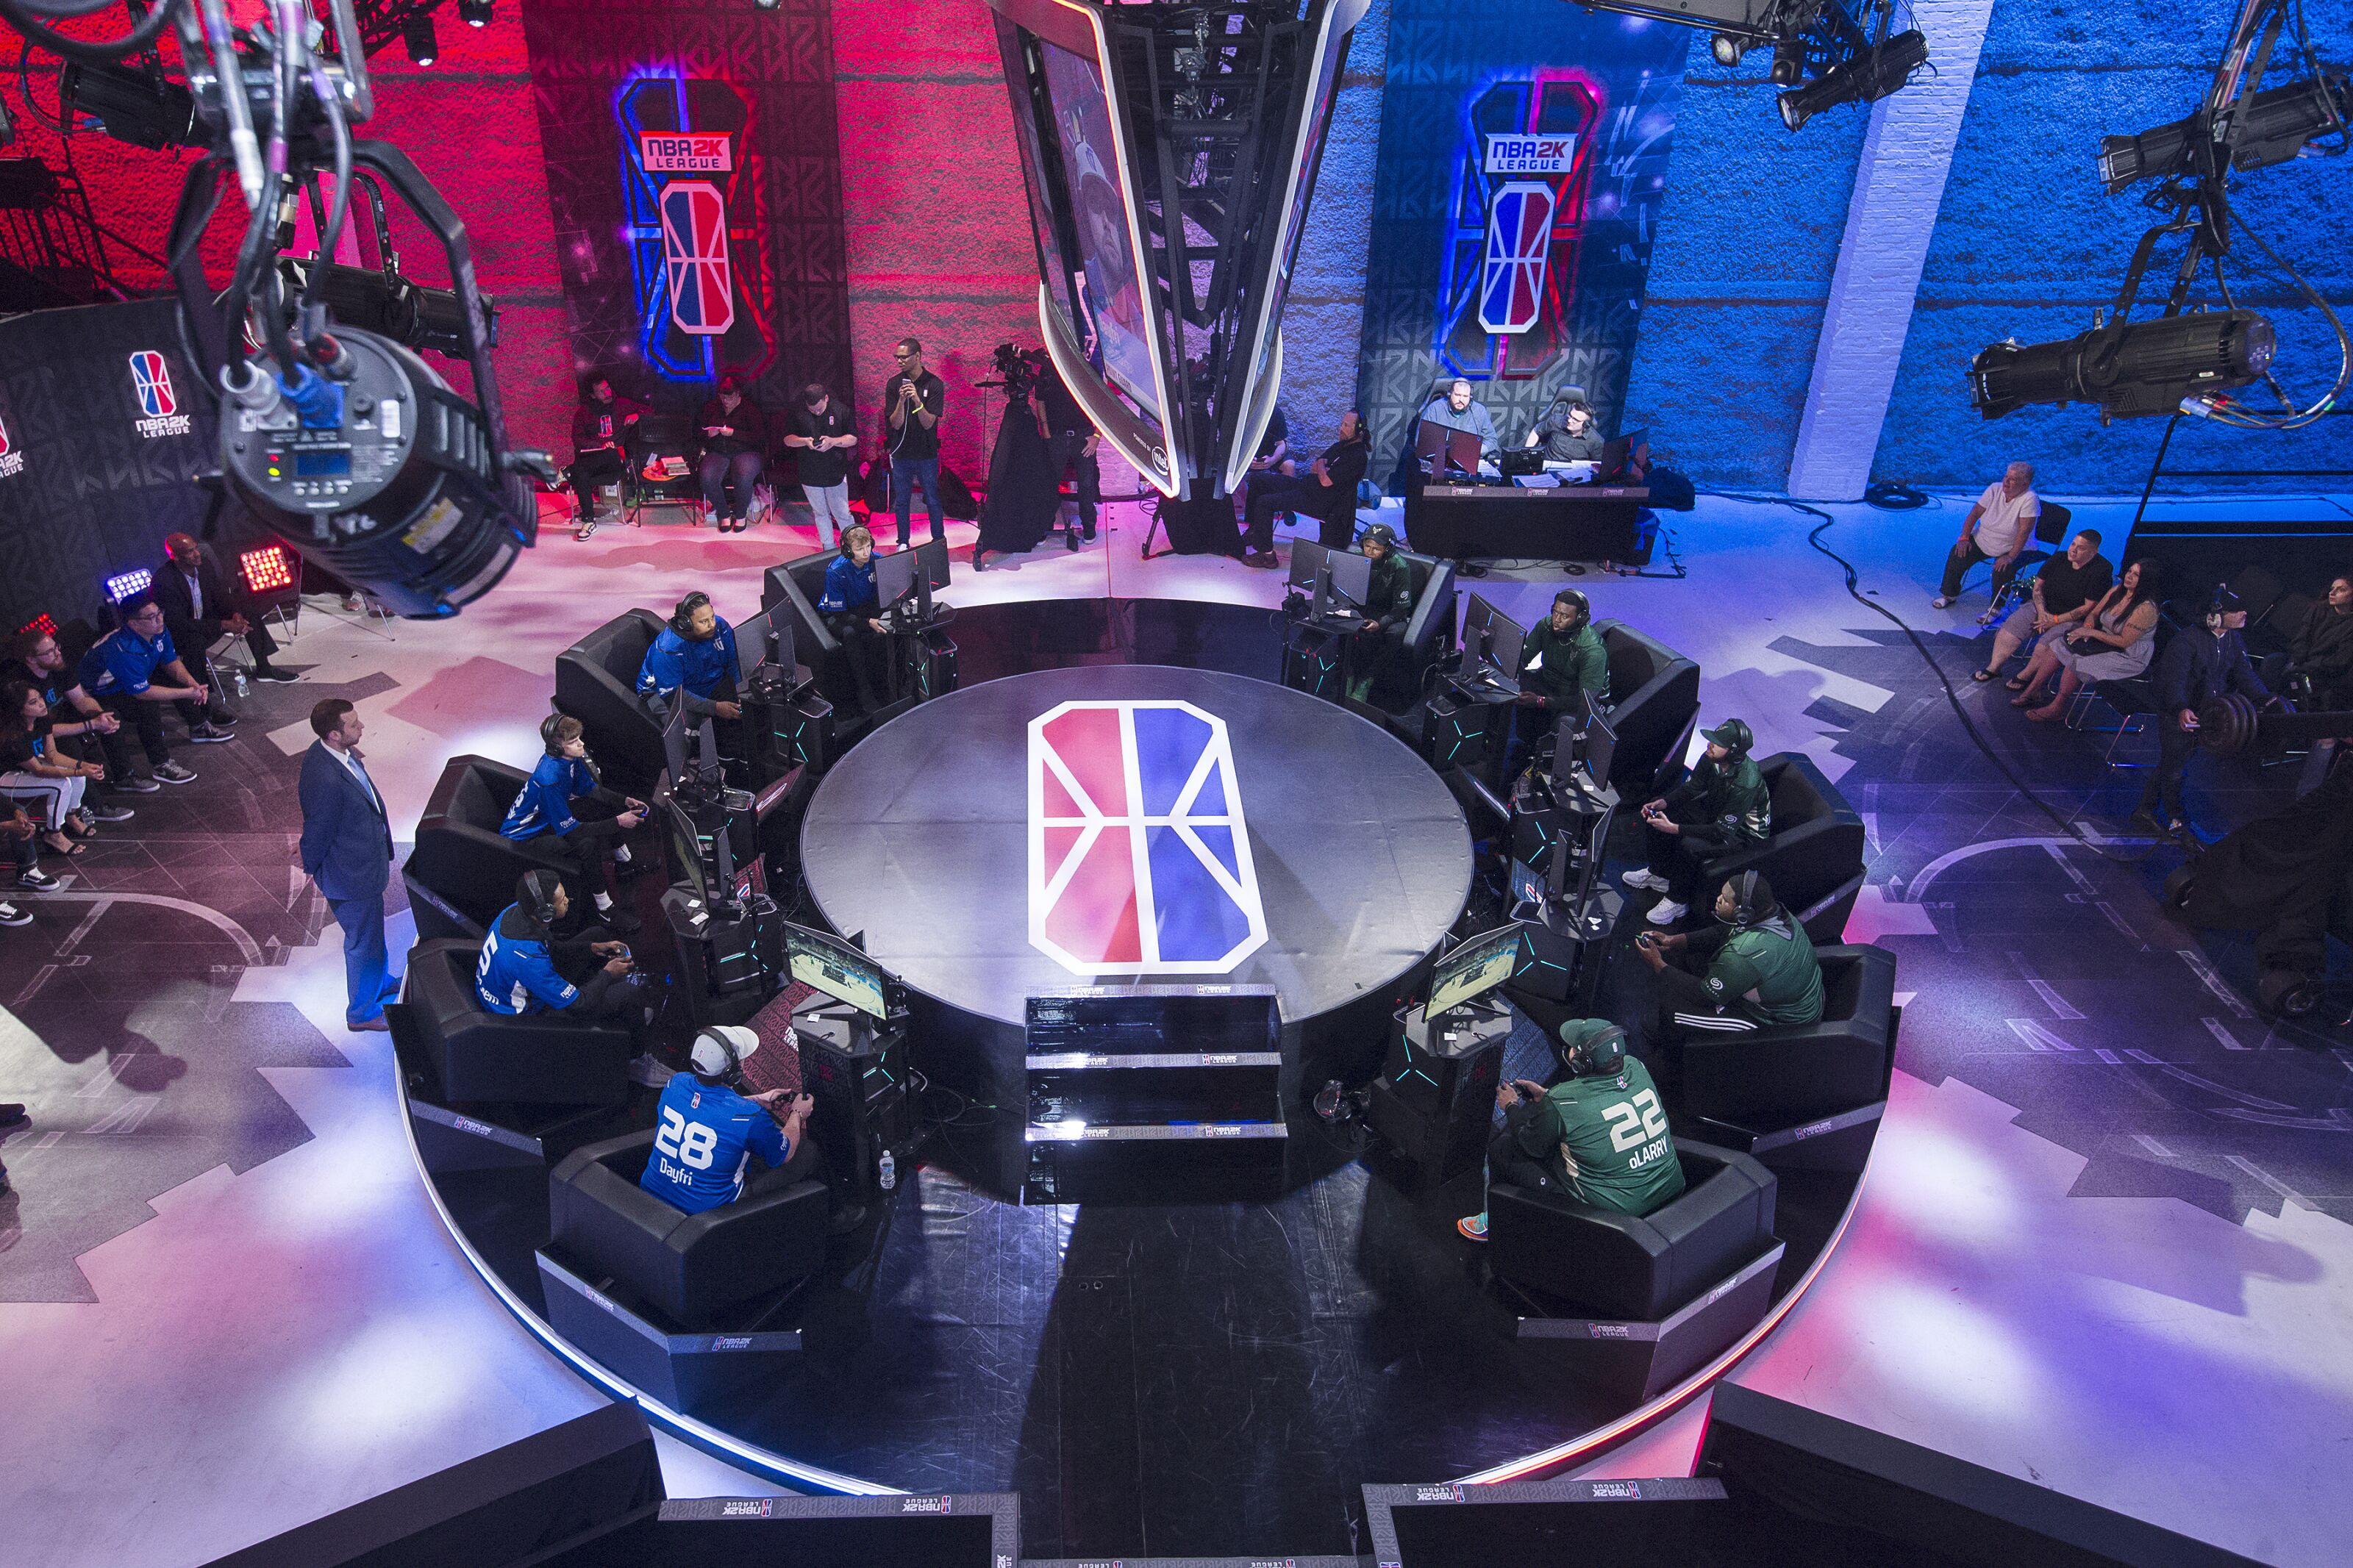 Bucks Gaming split in Week 6, move to 5-5 on season